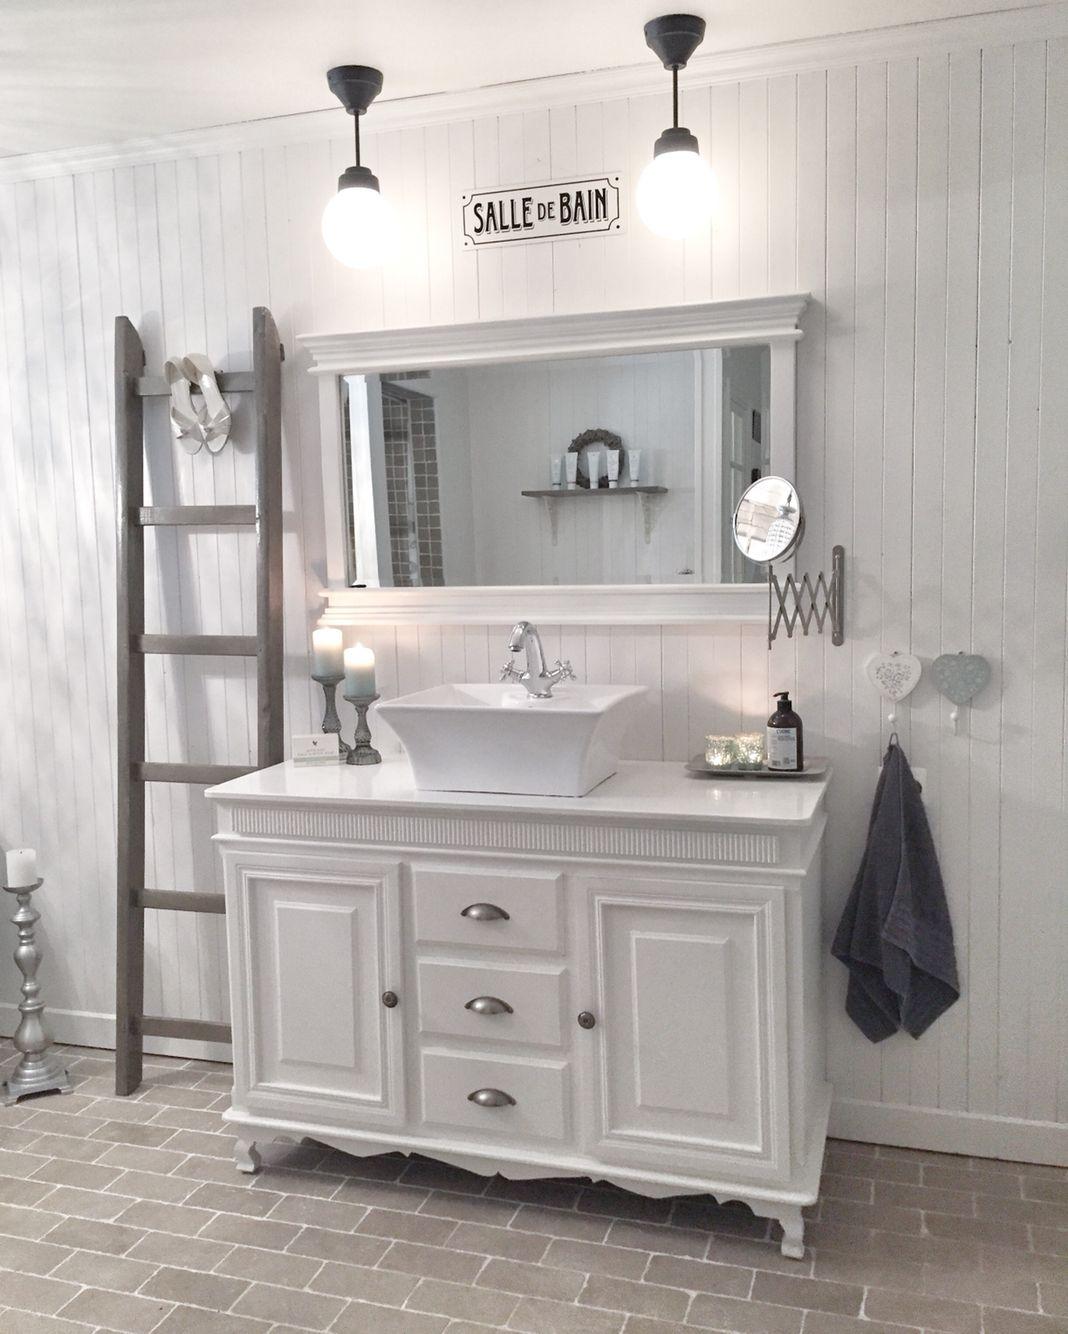 Bathroom ! @behindabluedoor #bathroom